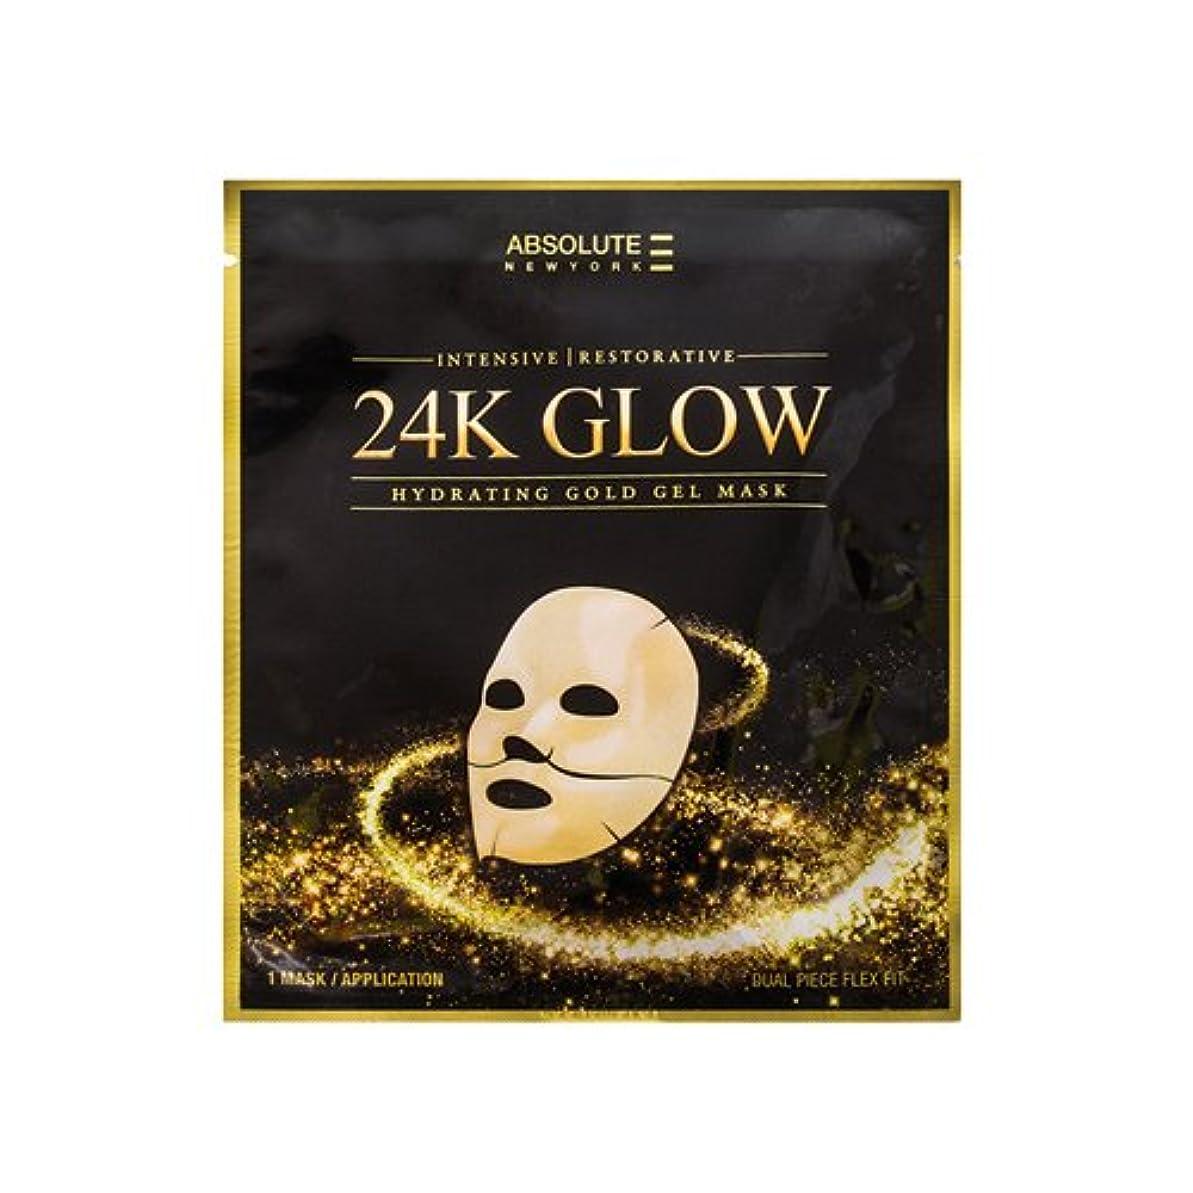 強調する十聞きます(6 Pack) Absolute 24K Glow Gold Gel Mask (並行輸入品)